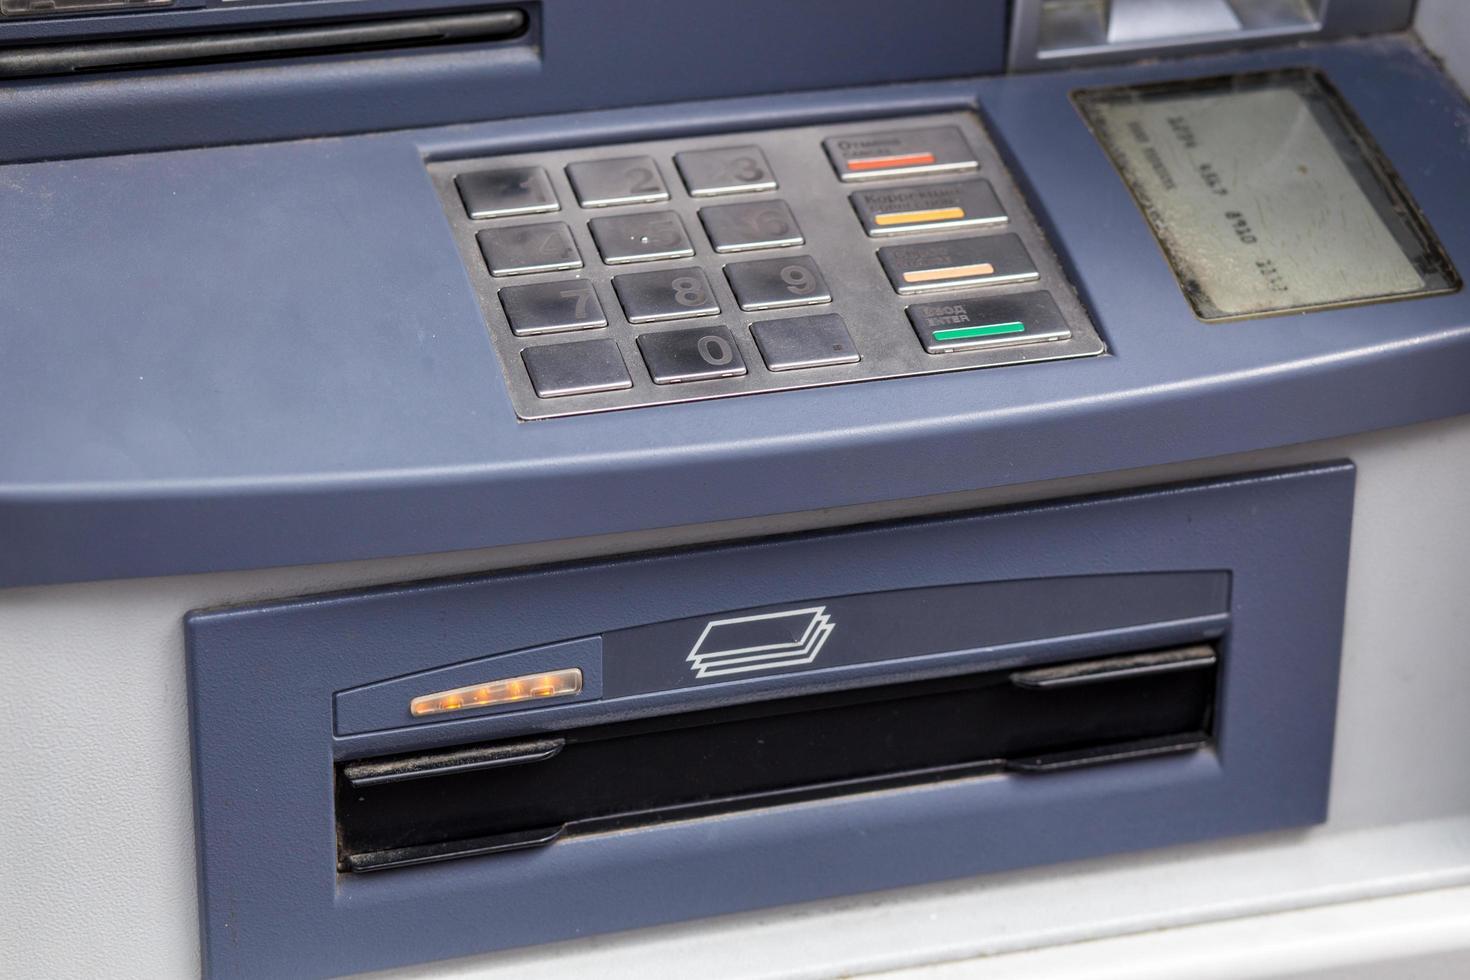 cajero automático listo para emitir dinero. foto